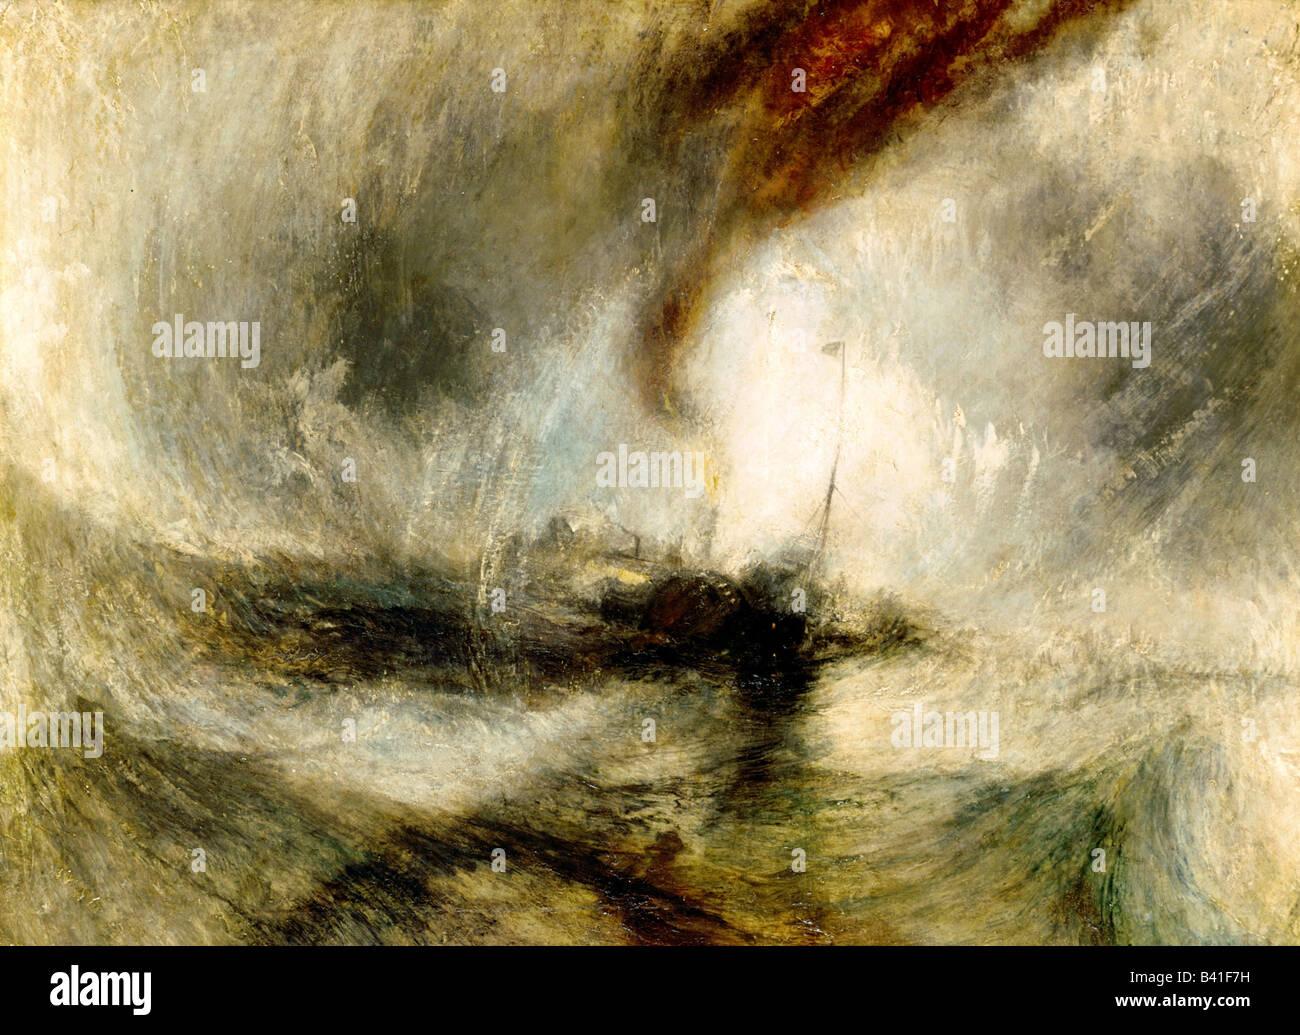 """Bildende Kunst, Turner, Joseph Mallord William (1775-1851), Malerei """"Schneesturm"""", 1842, Öl auf Leinwand, Tate Gallery, Stockfoto"""